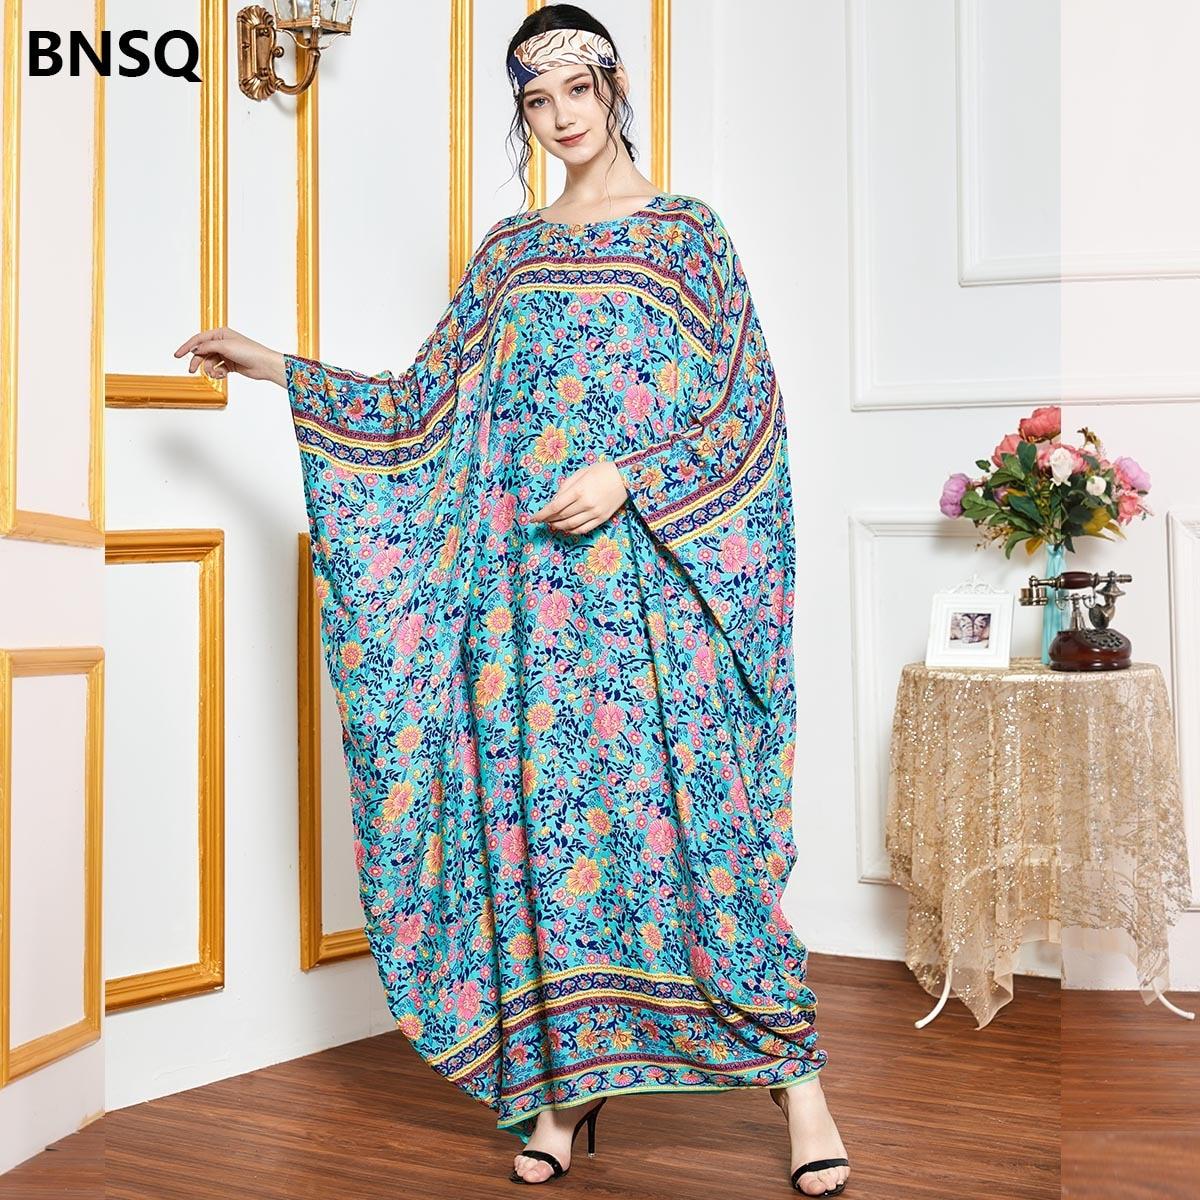 فستان حجاب دبي كبير الحجم مطبوع أنيق للنساء موضة عباية إسلامية فستان طويل تركي 2020 فيستودس نسائي 9584